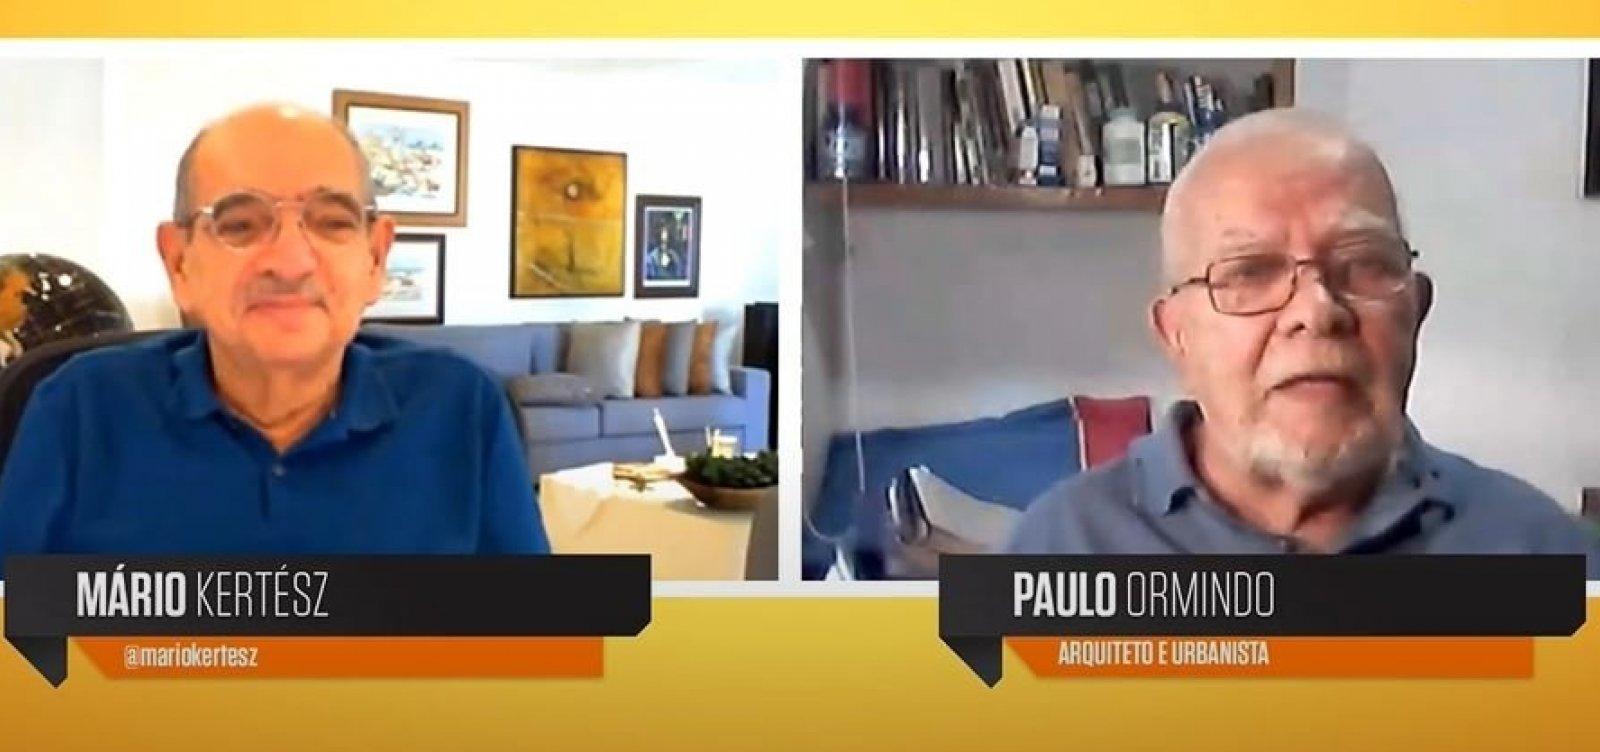 Paulo Ormindo reúne coletânea em novo blog: 'Retrato da cidade e das políticas'